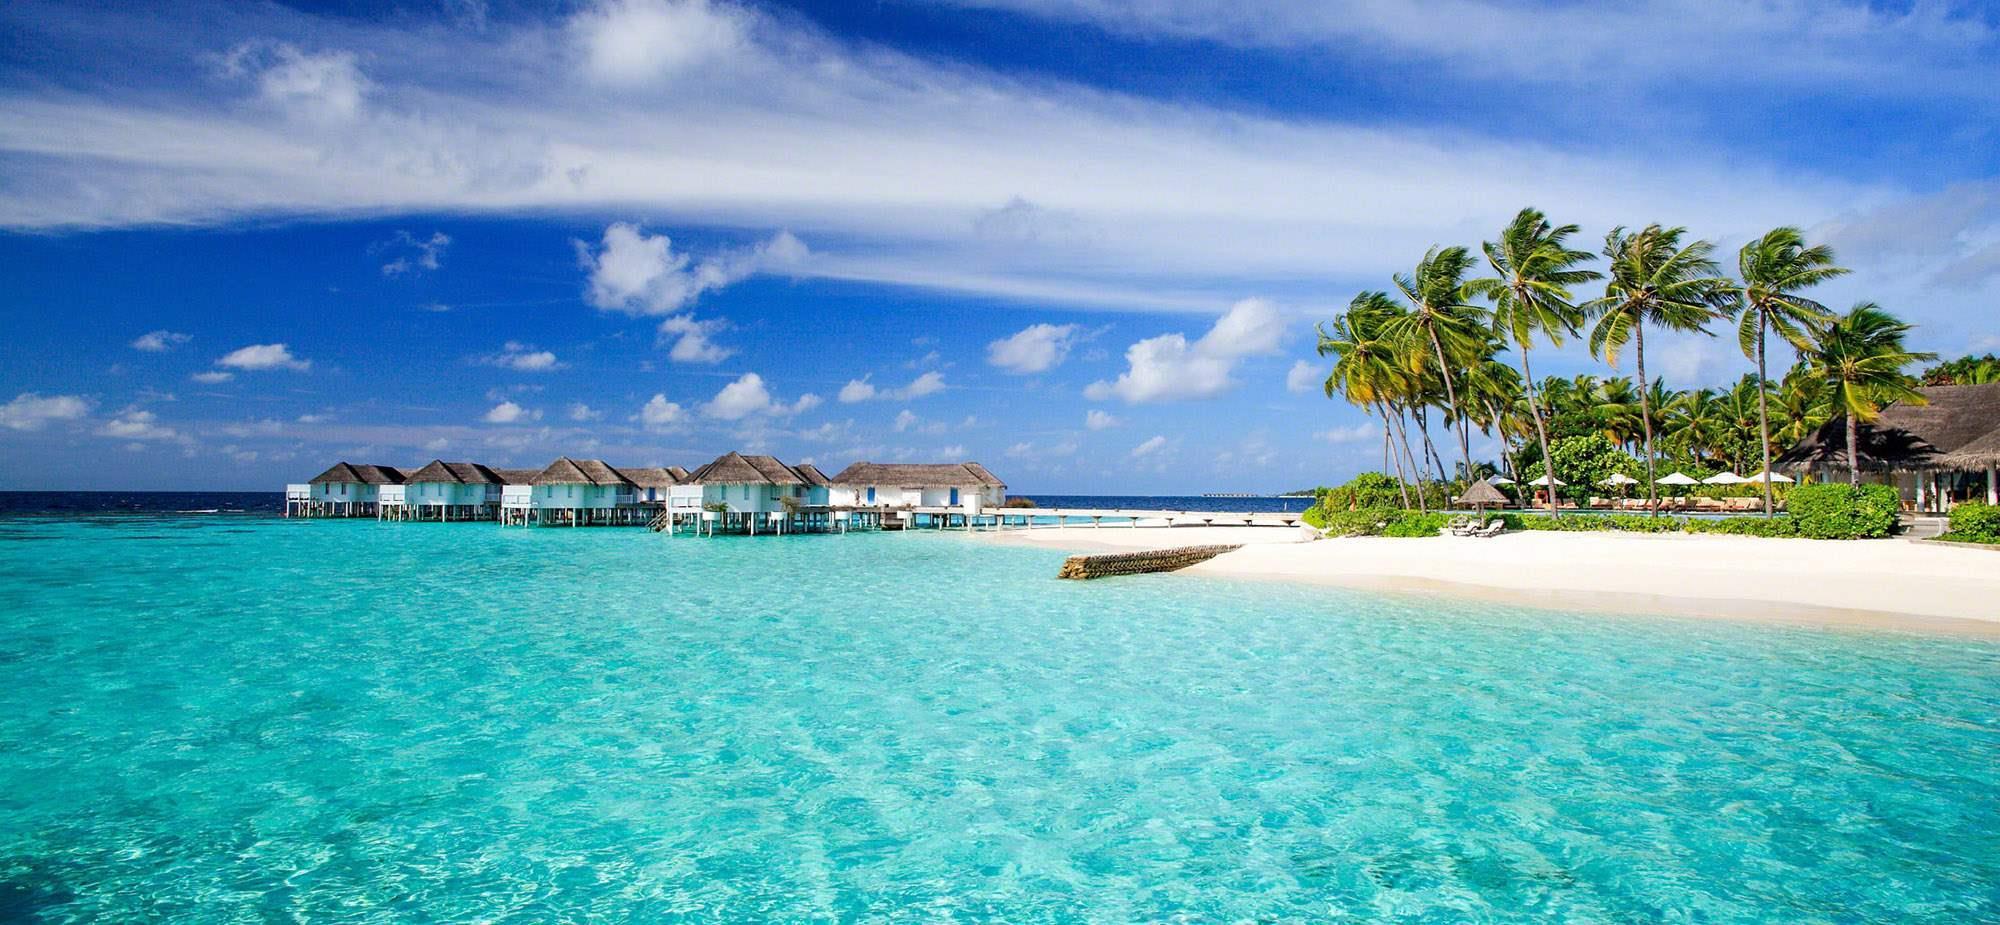 Все о стране Мальдивы - полное описание - отдых на Мальдивах - Авантаж-тревел